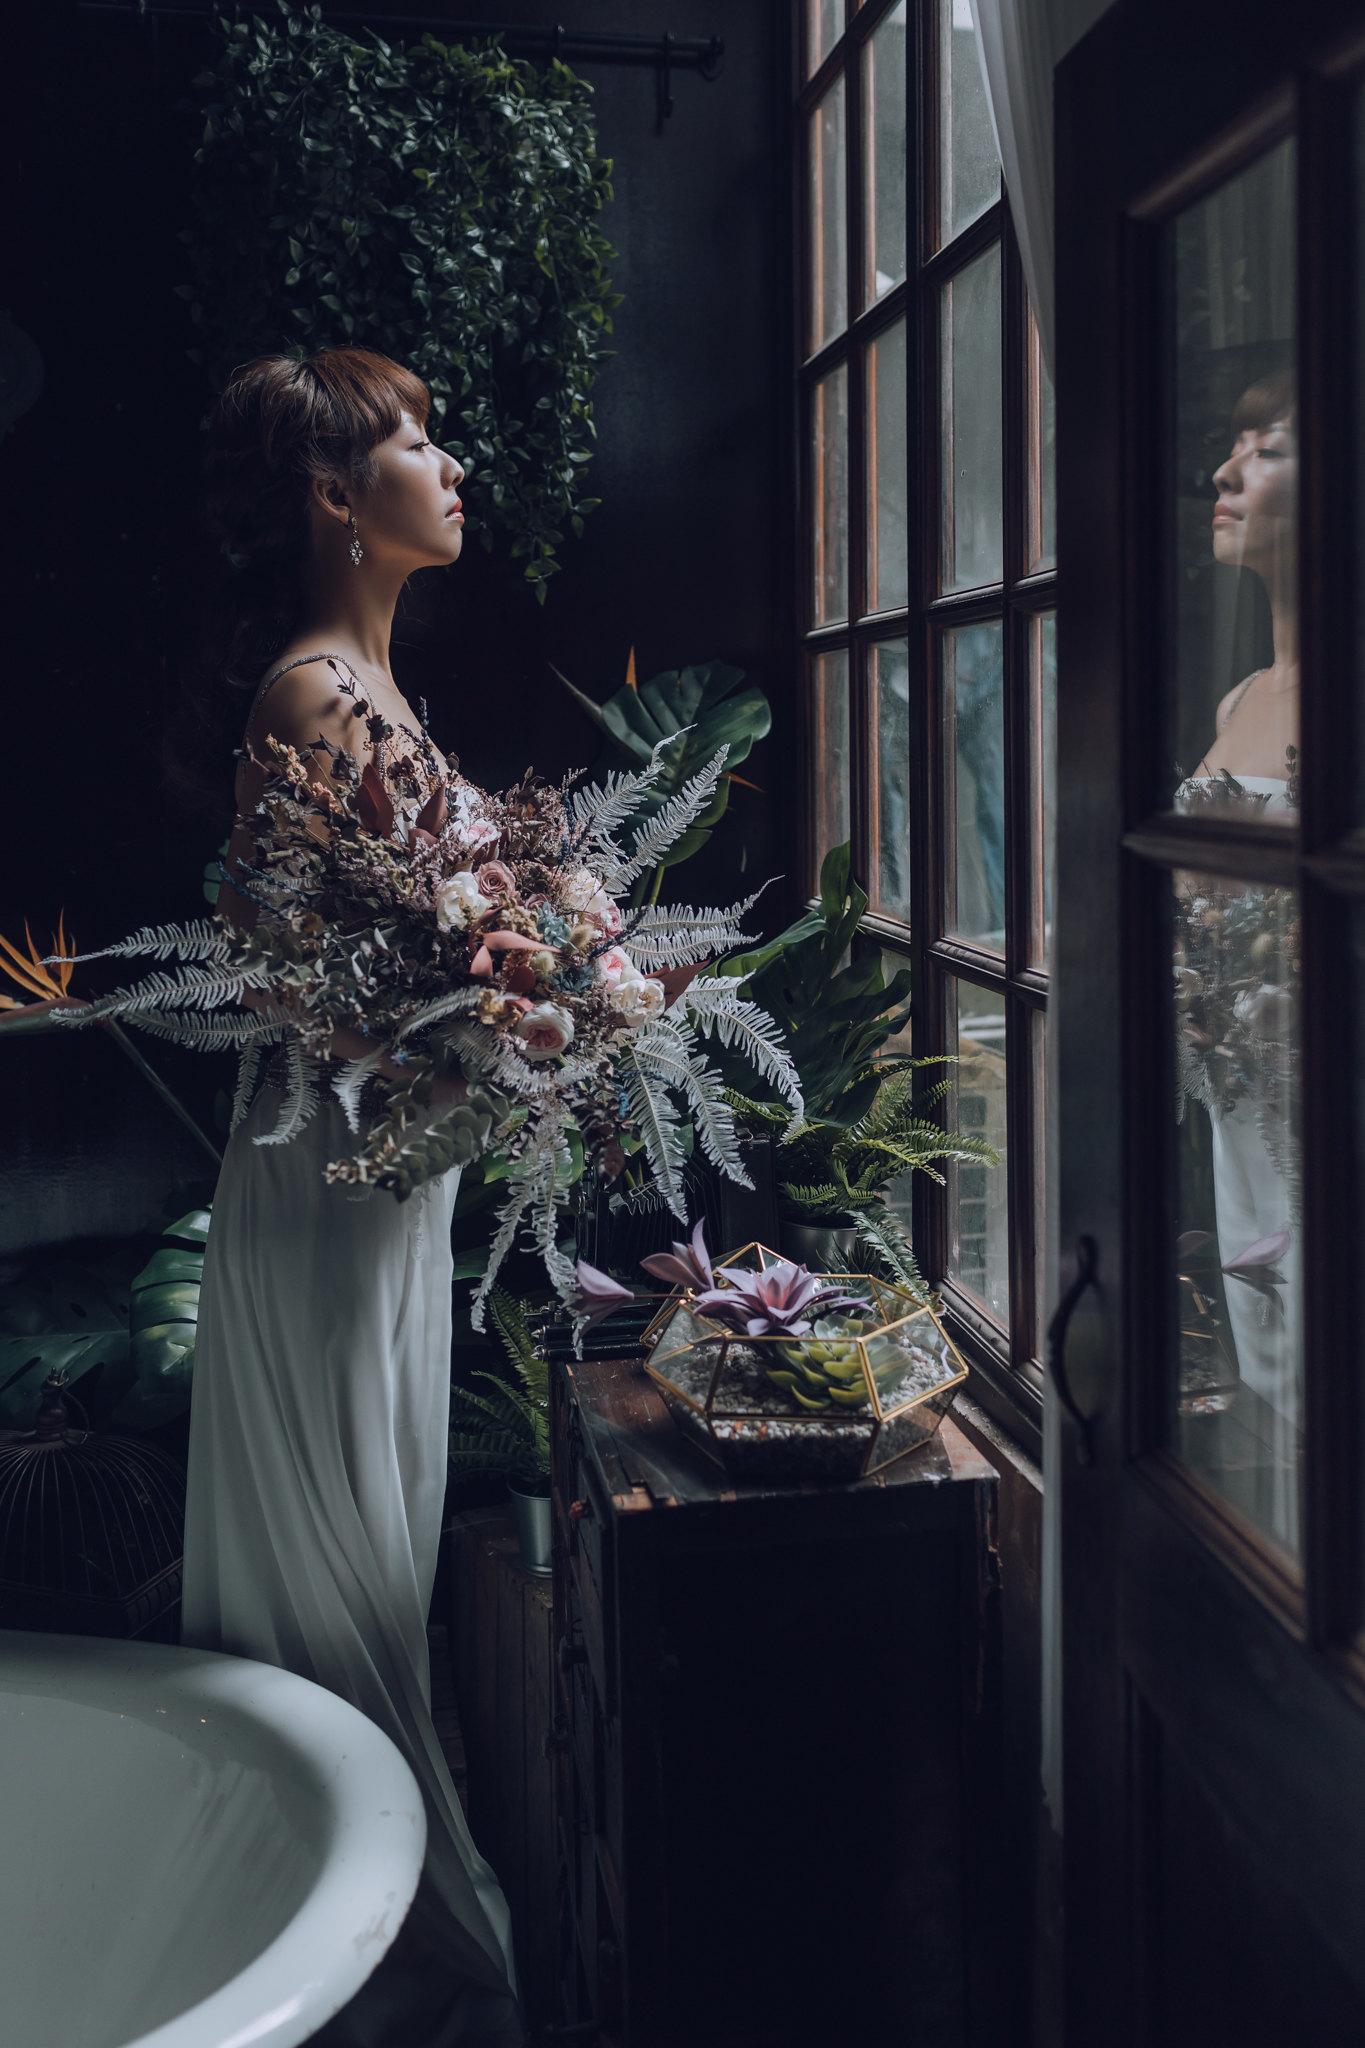 自助婚紗 Alan & 詩婉 | 攝影師 Eric Yeh | 良大攝影工作室